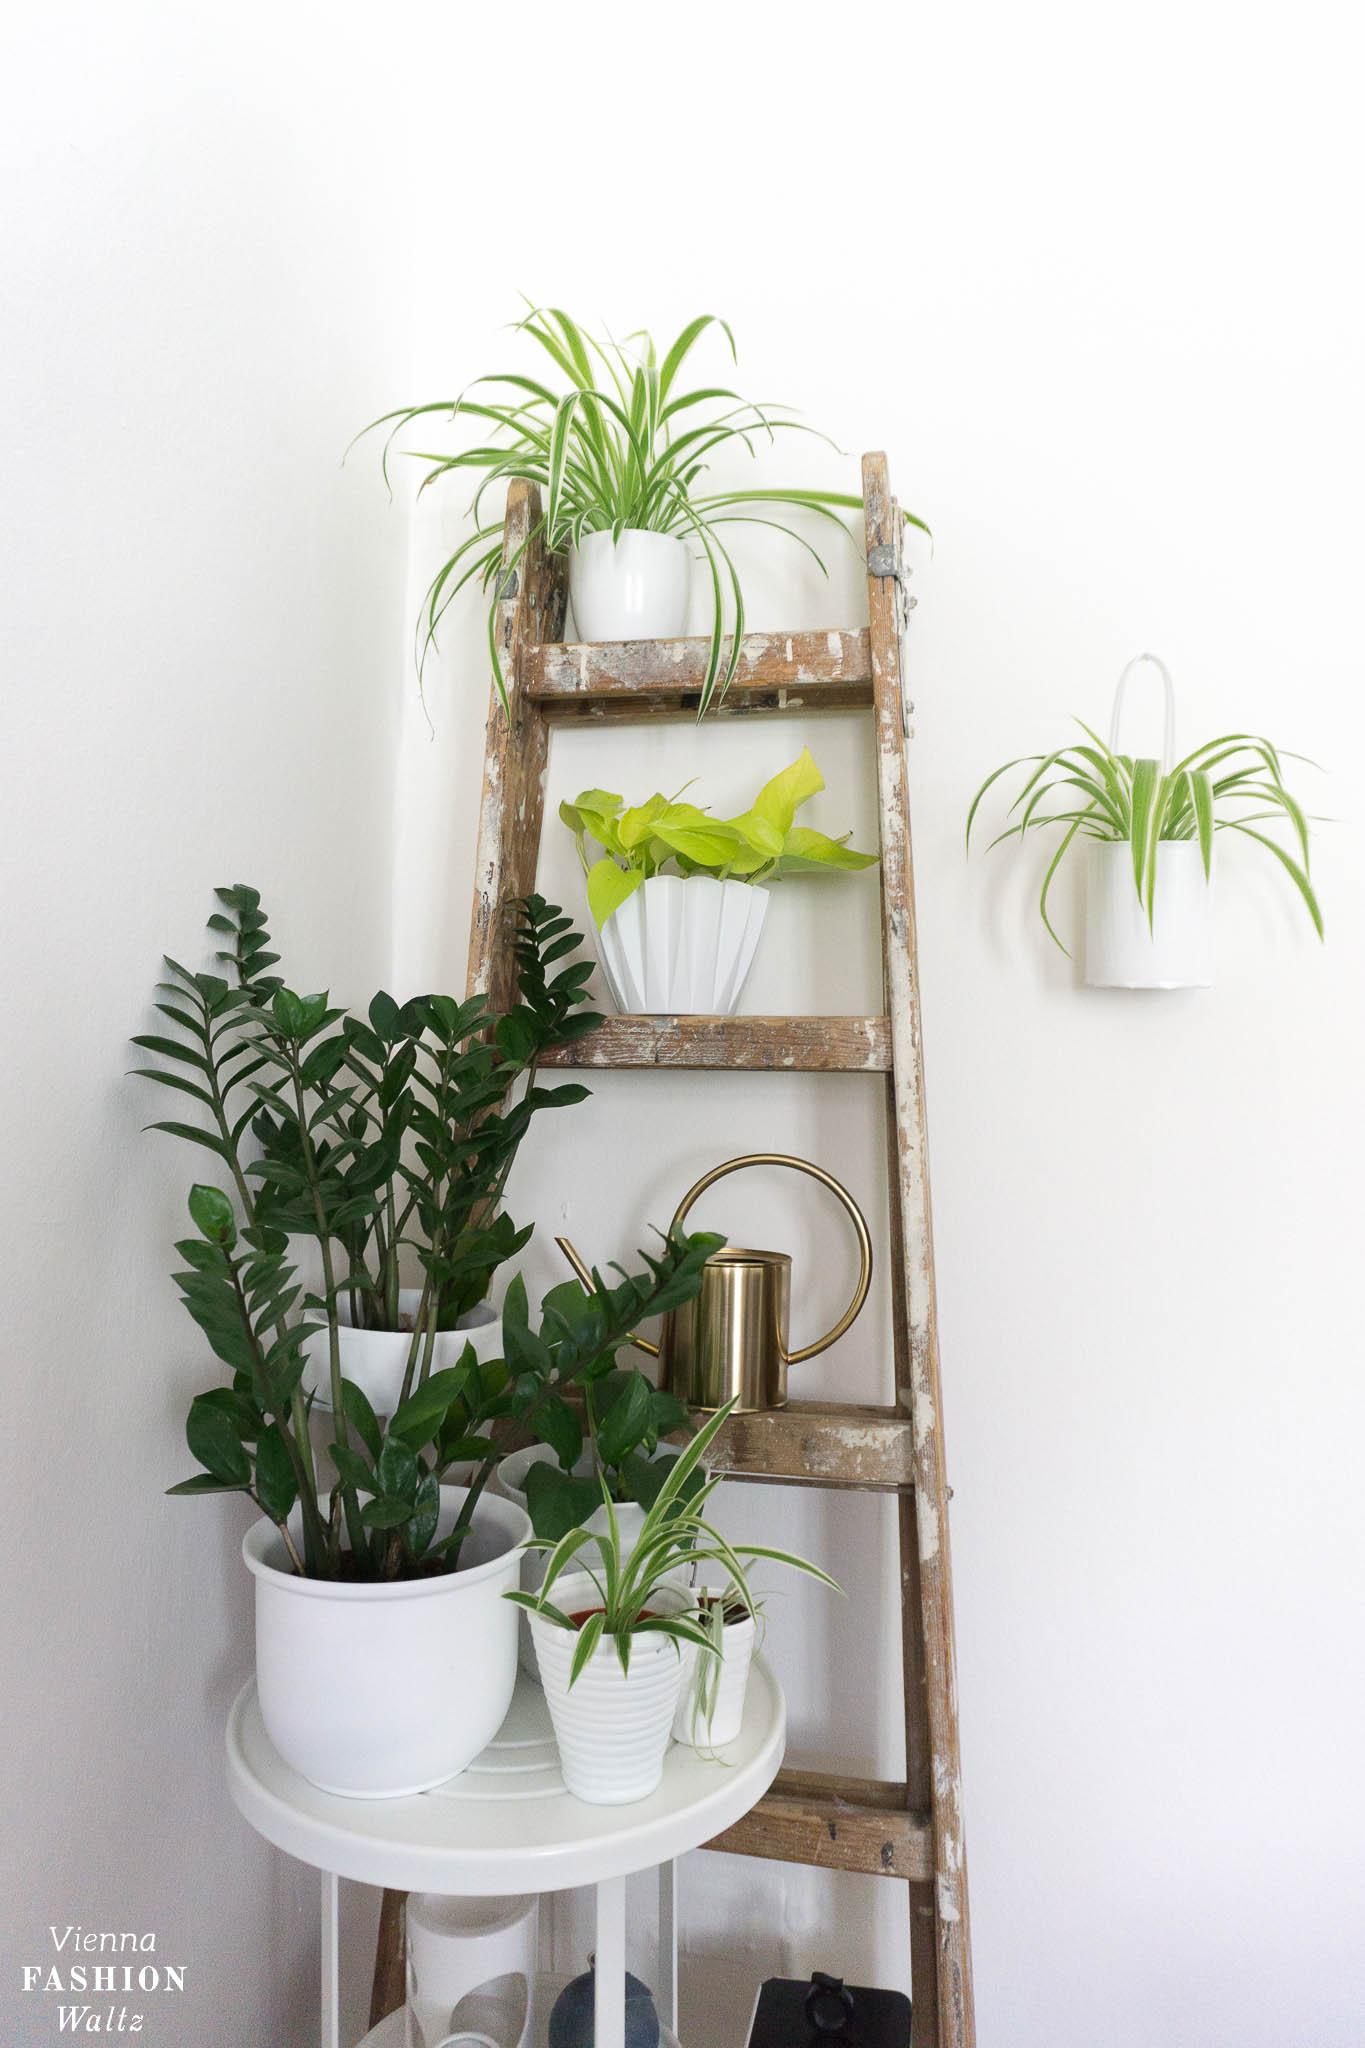 Urban Jungle Ideen | Indoor Garden Plant Ideas | Grünlilien, Pflanzenwand, hanging plants | Blog Vienna Fashion Waltz